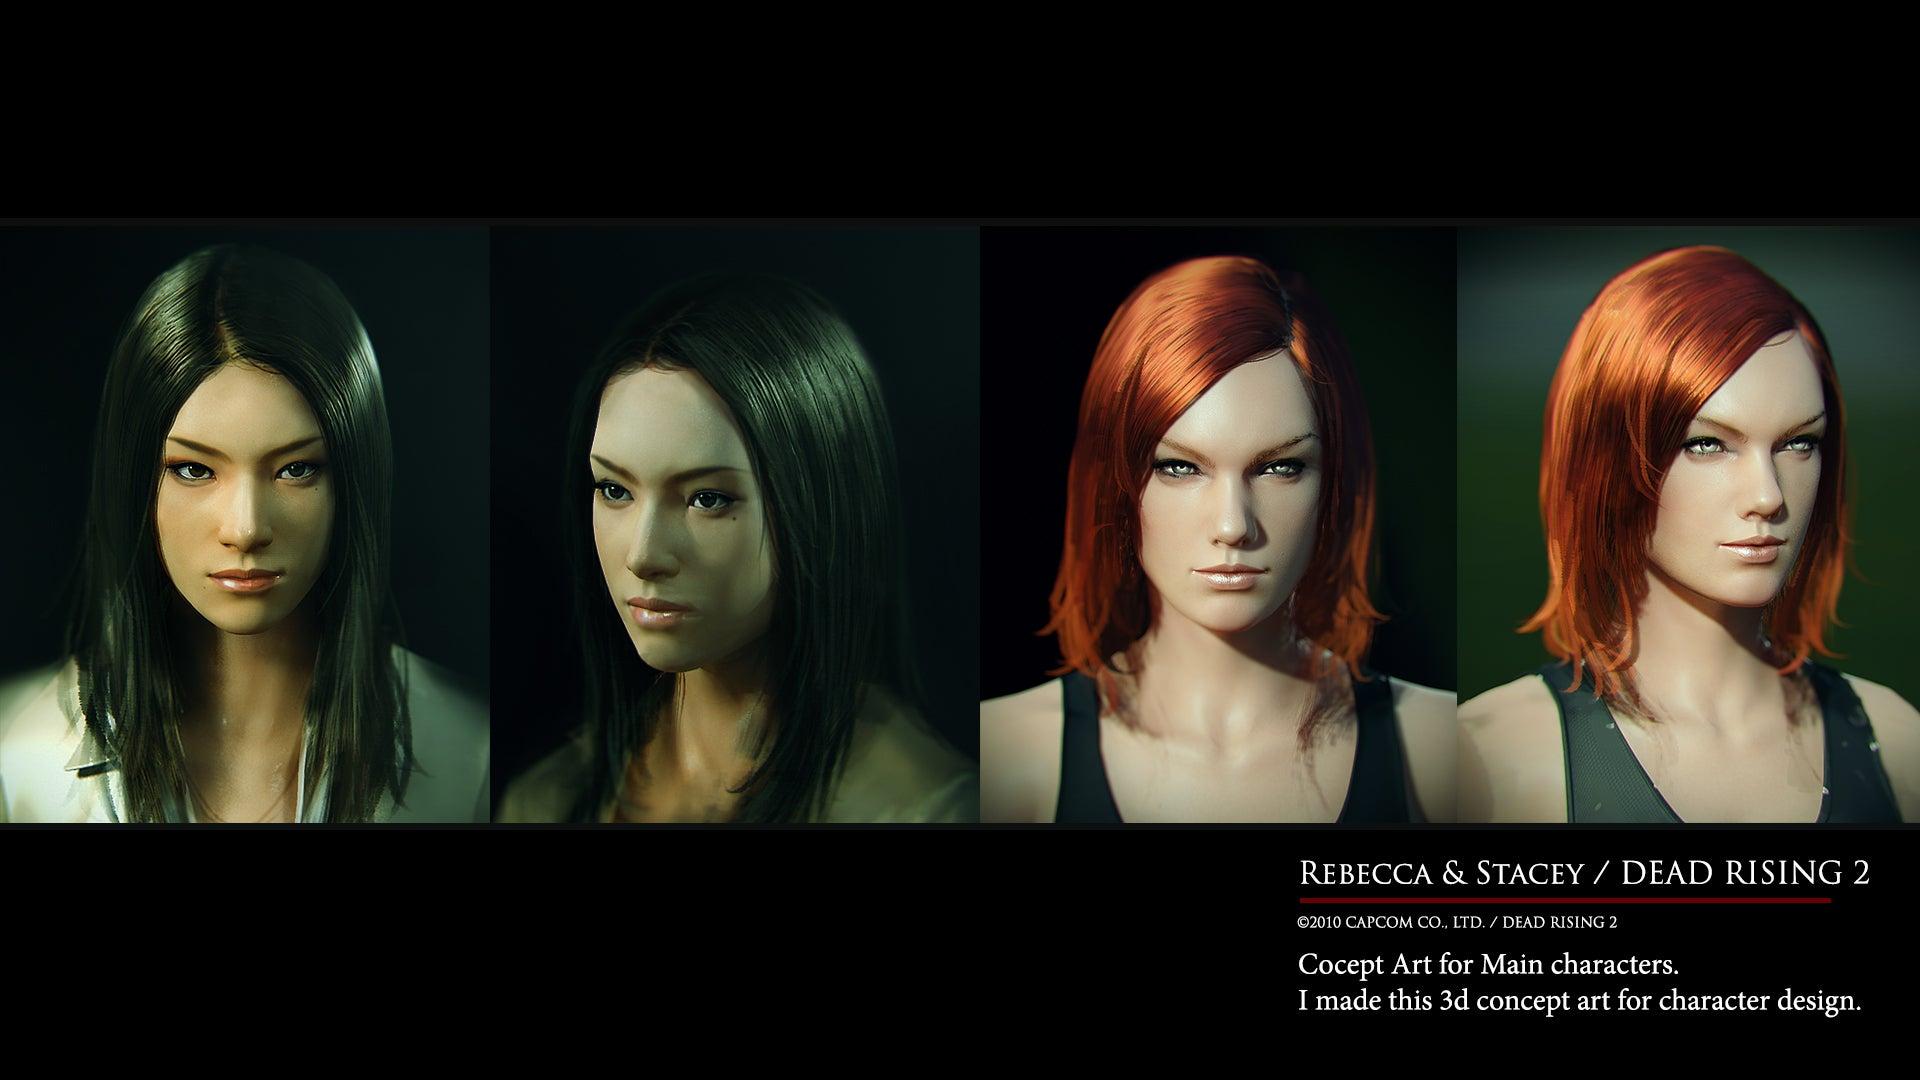 The Work Of A Capcom Concept Art Legend